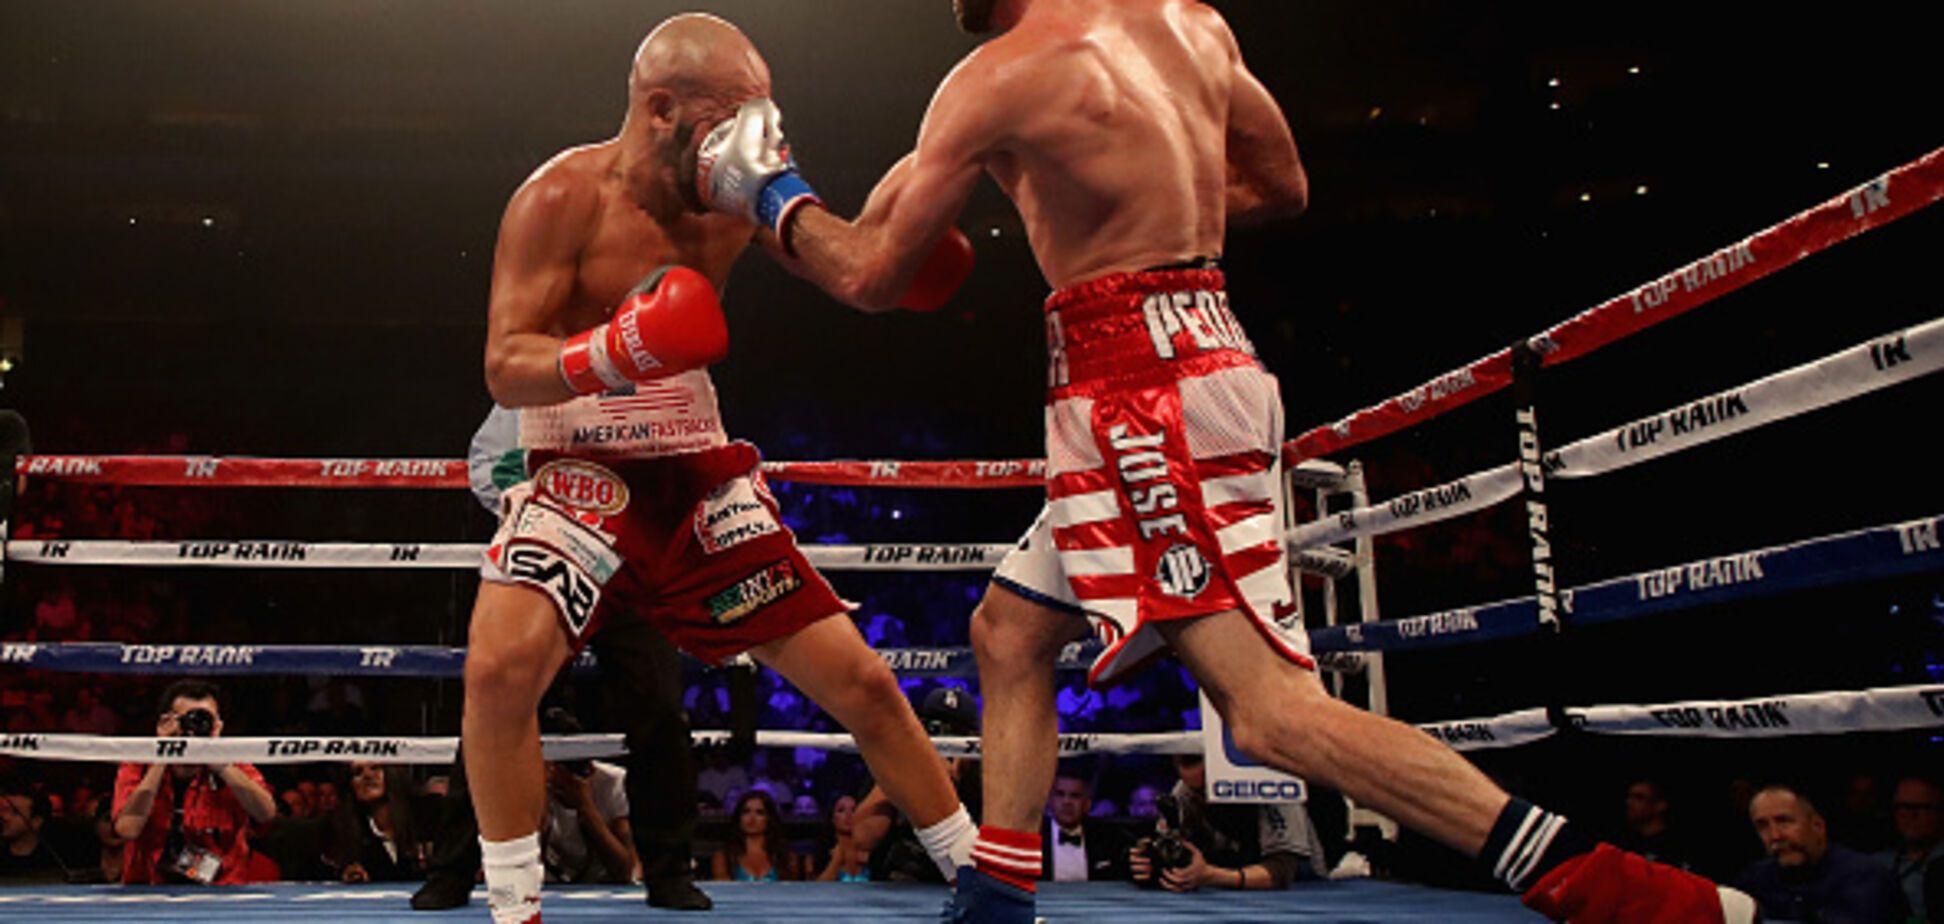 Боксер выиграл чемпионство и стал новым соперником Ломаченко